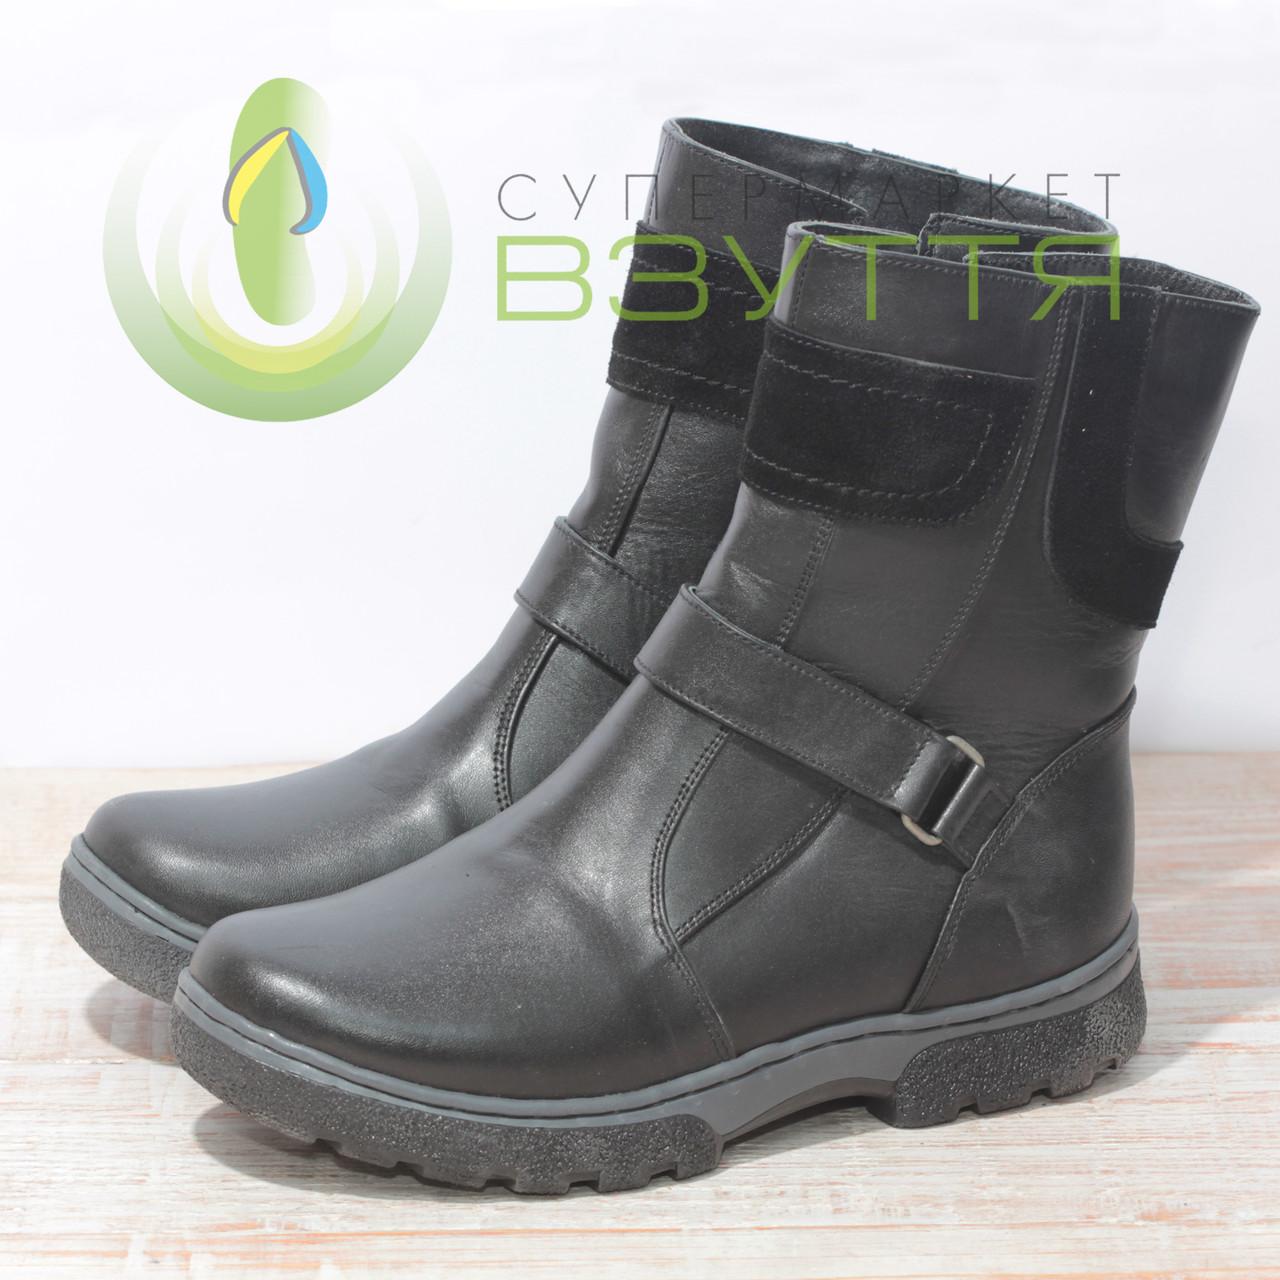 Ботинки зимние для девочки арт 84 размеры  33-34